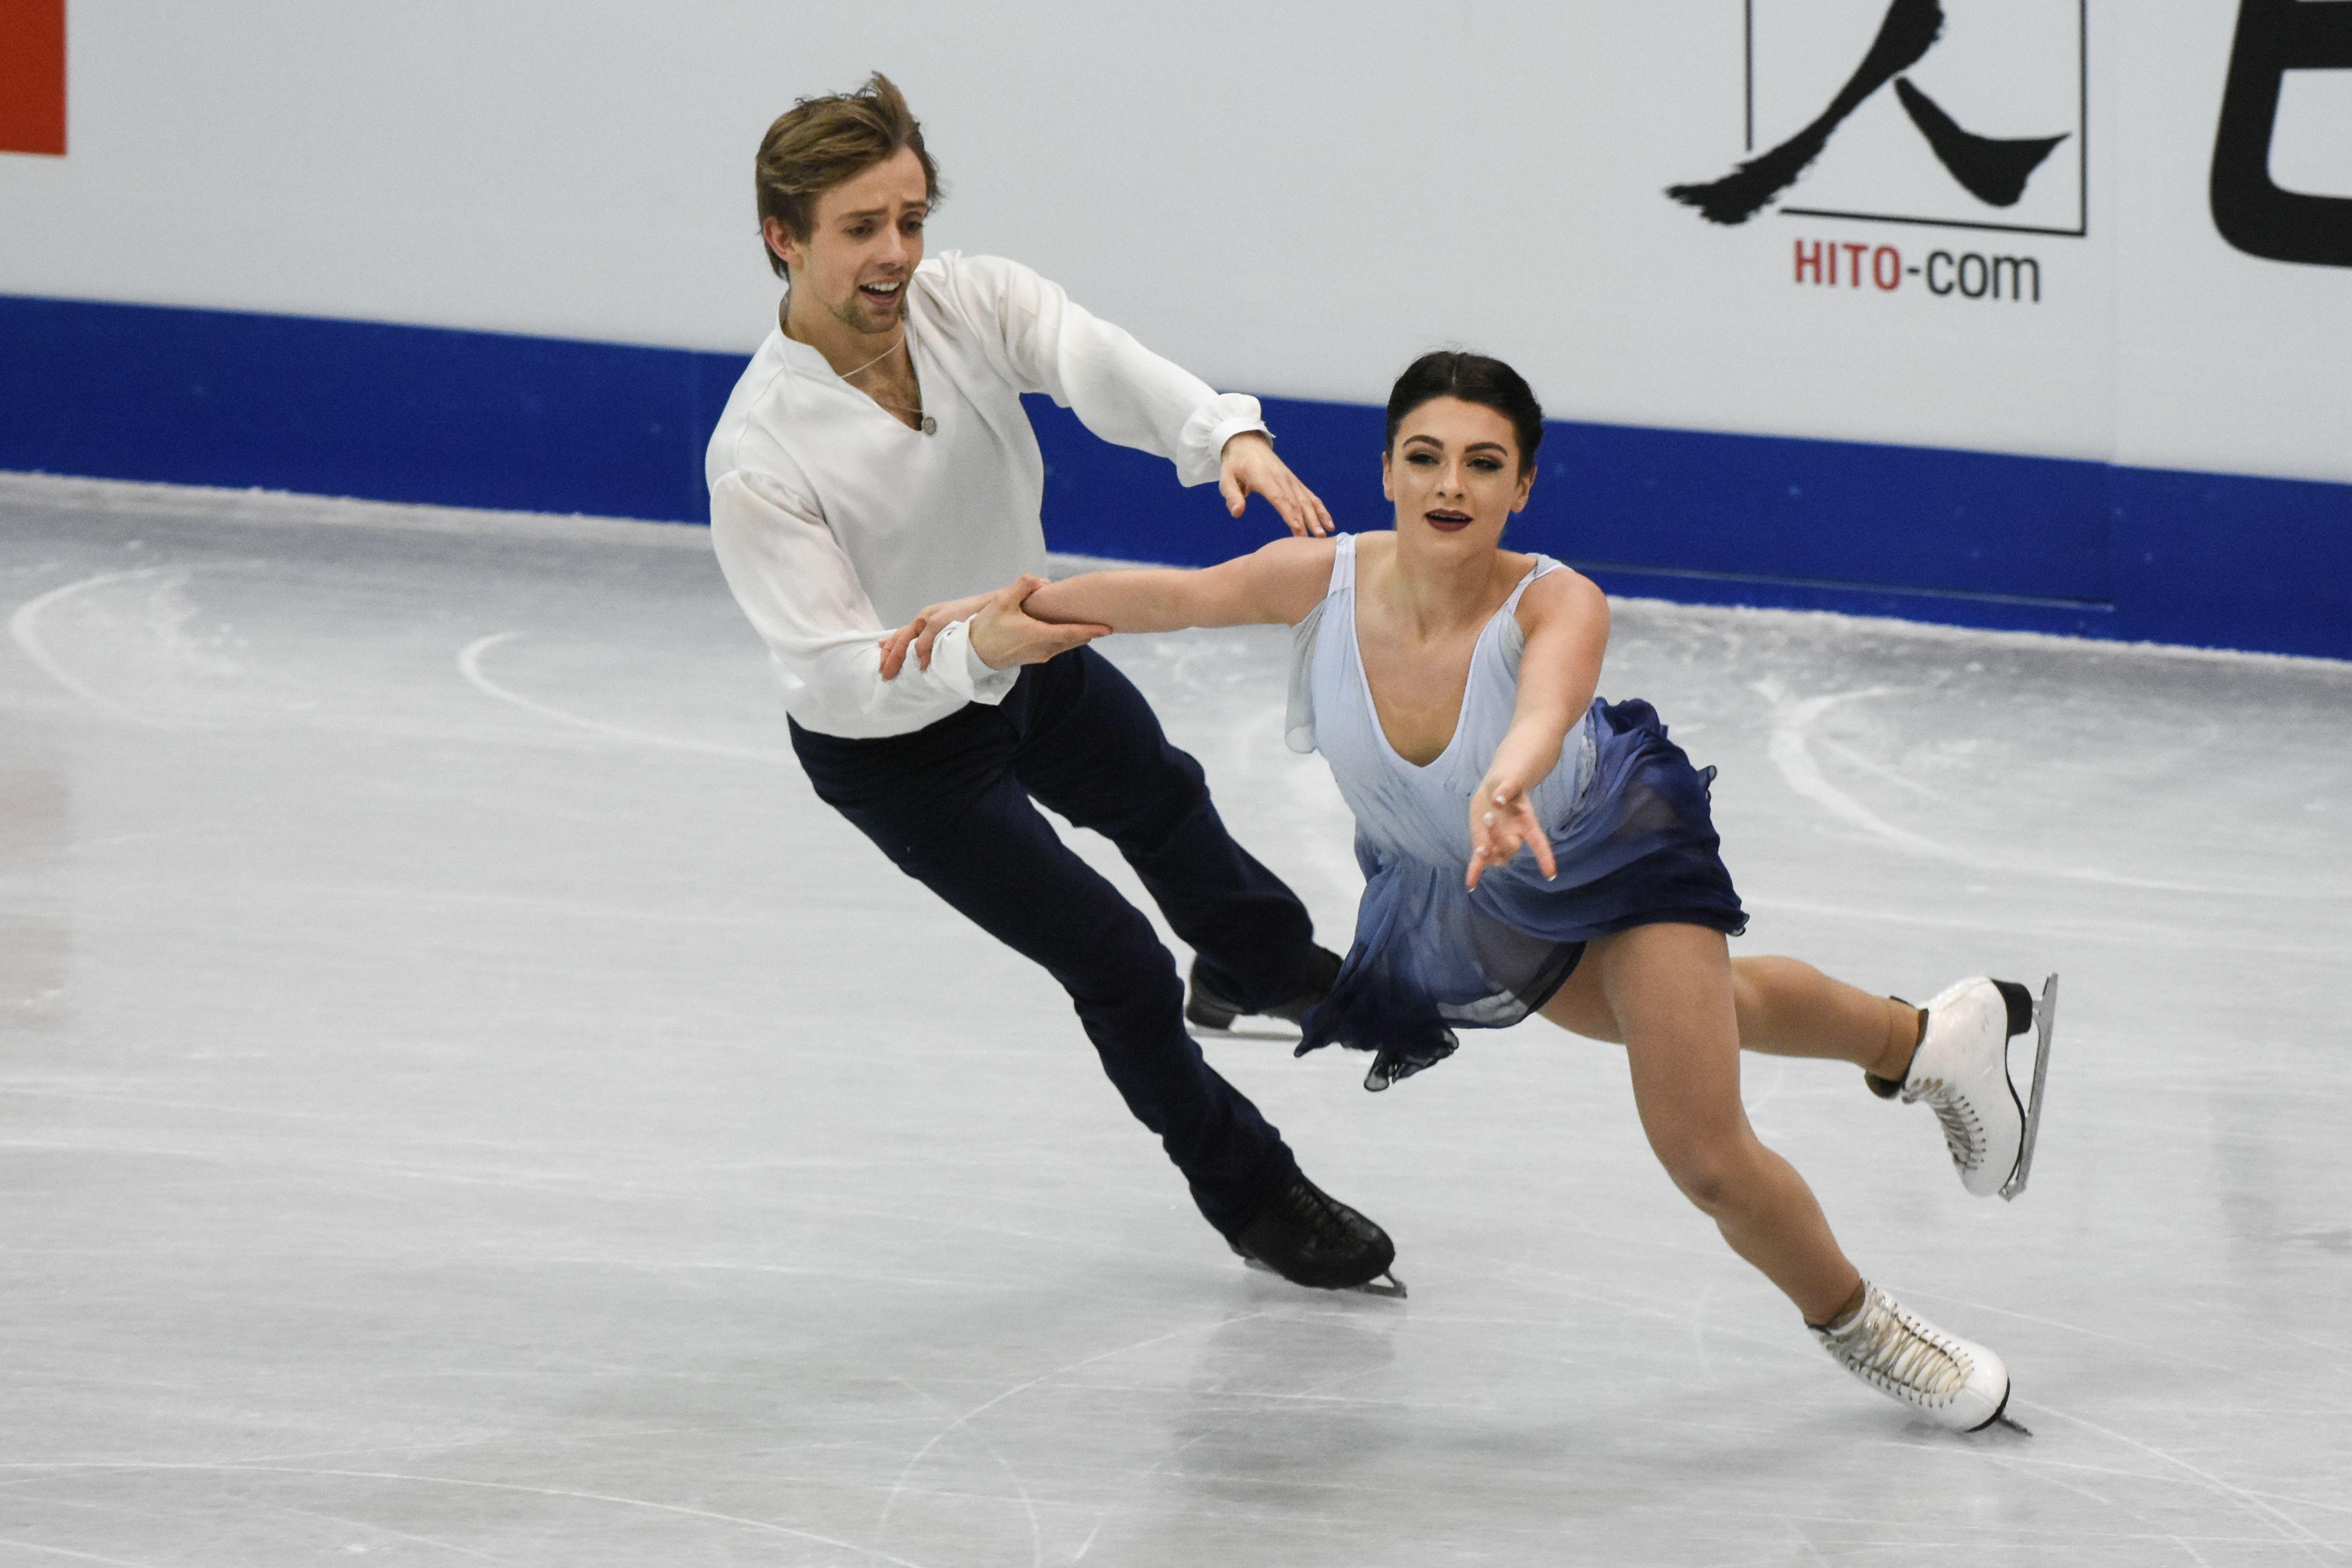 四大洲花式滑冰錦標賽冰舞長曲美國隊Kaitlin Hawayek/ Jean-Luc Baker 圖/記者林敬旻攝